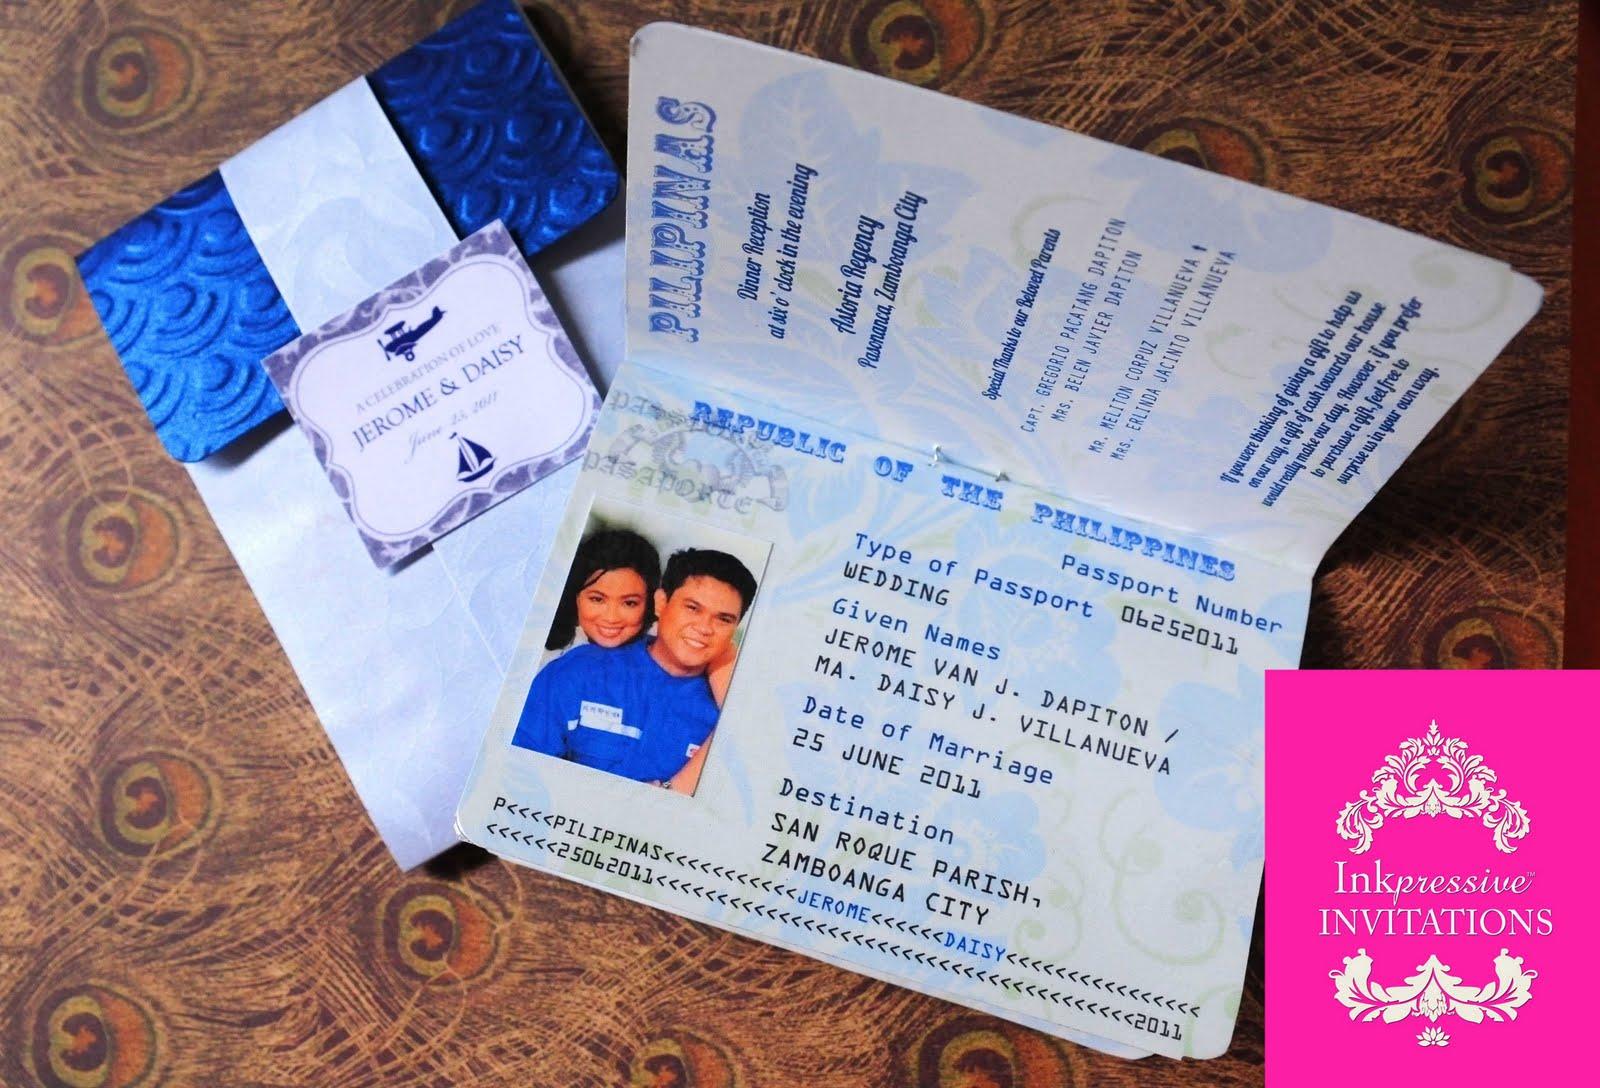 Passport Invitation - Blue and Silver | INKPRESSIVE INVITATIONS